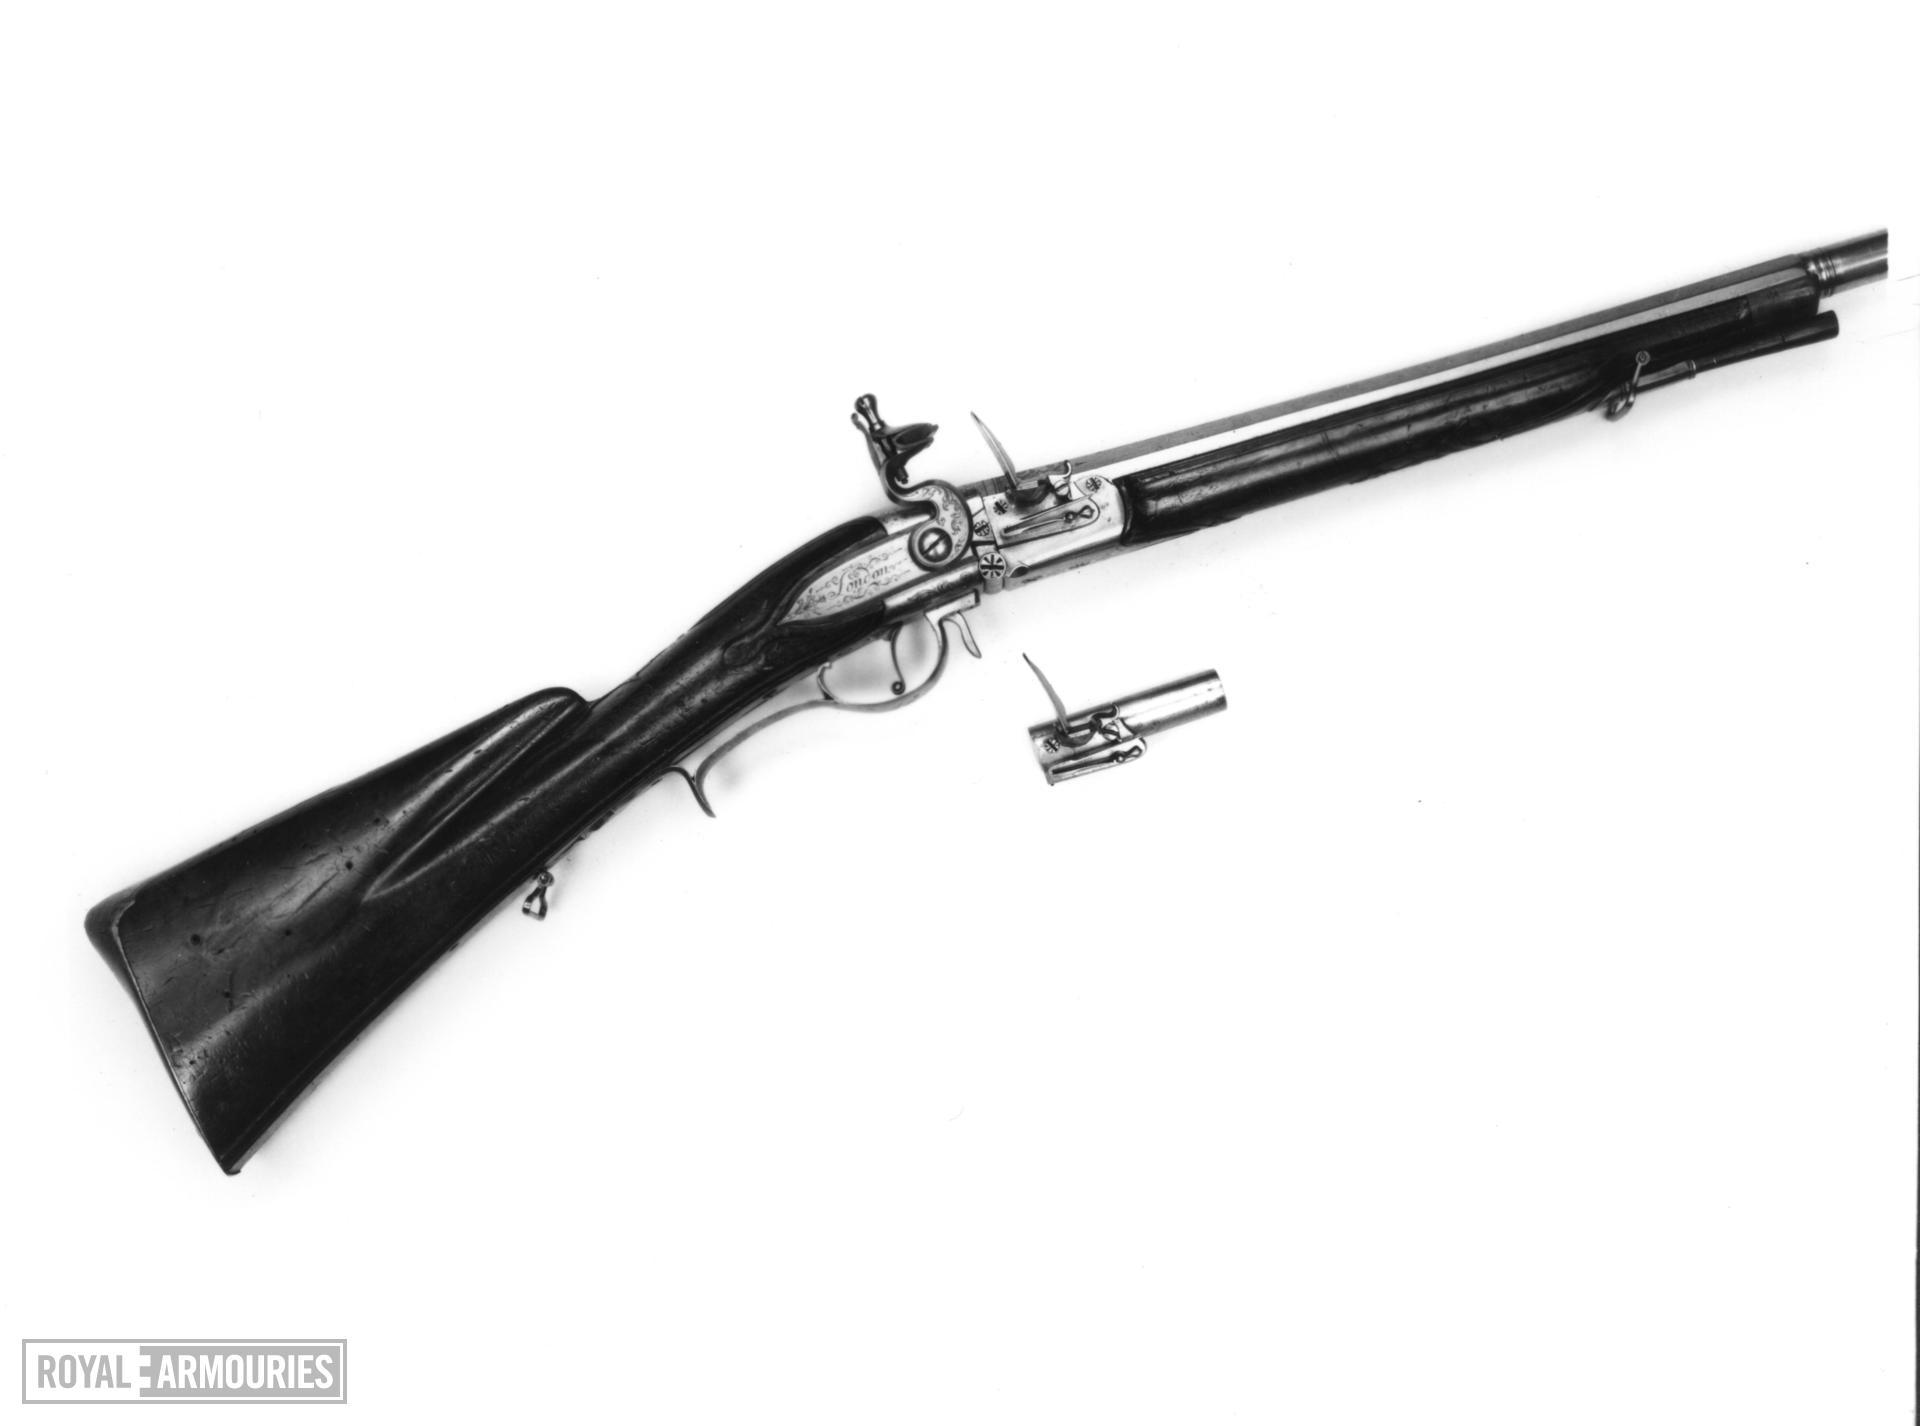 Flintlock breech-loading gun - N/A